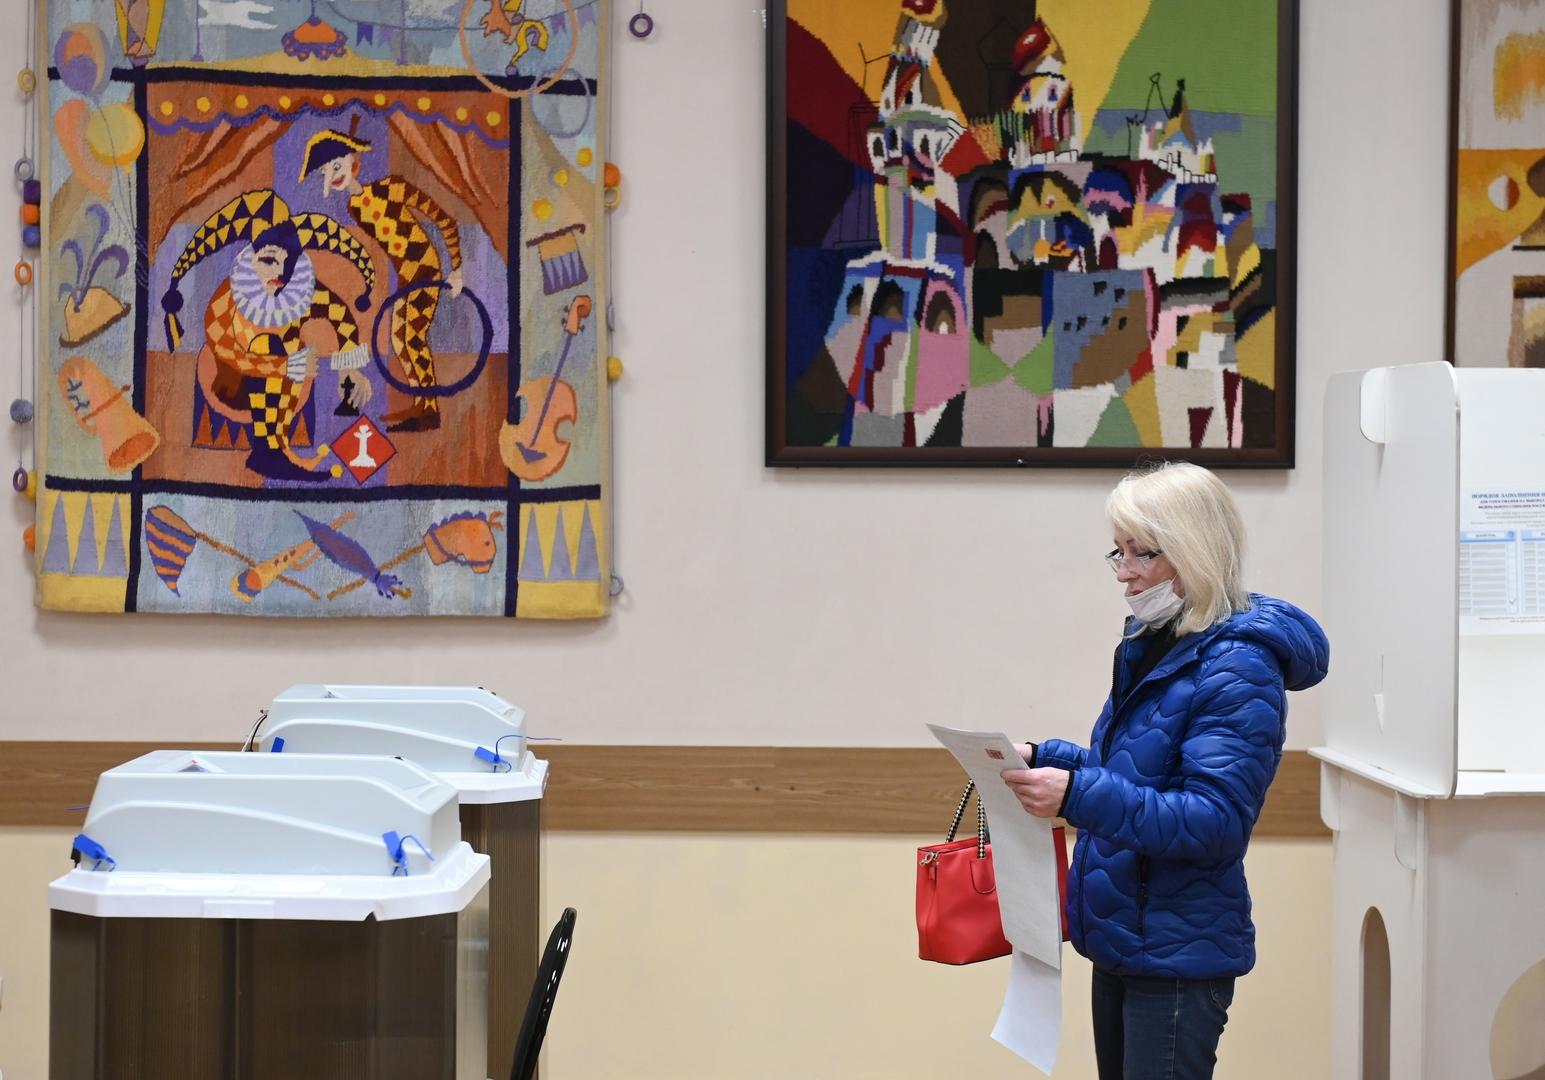 انتخابات مجلس الدوما في روسيا